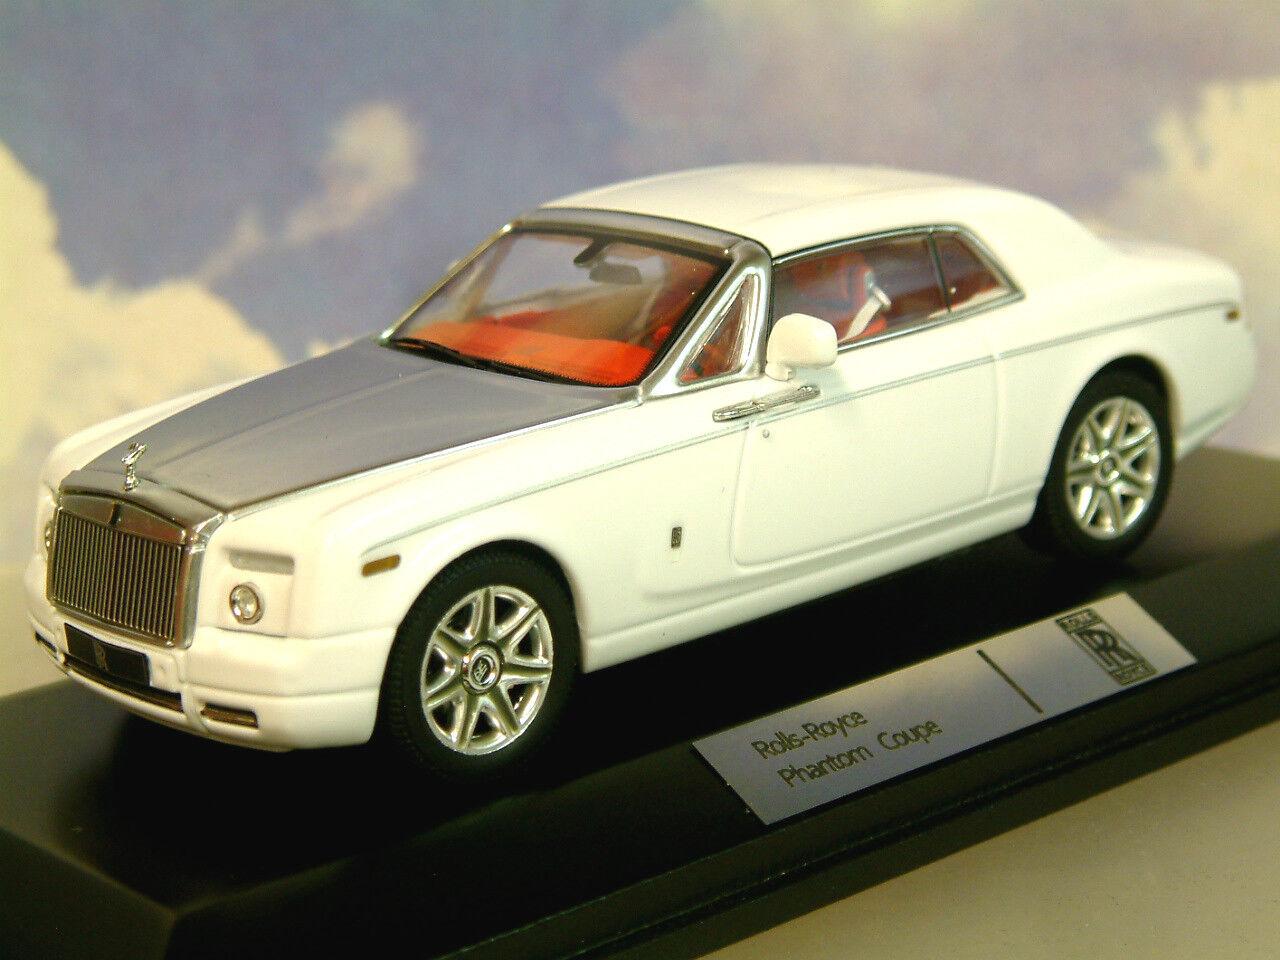 Superbe Ixo 1 43 Moulage sous Pression 2008 Rolls Royce Spectre Coupe en Blanc